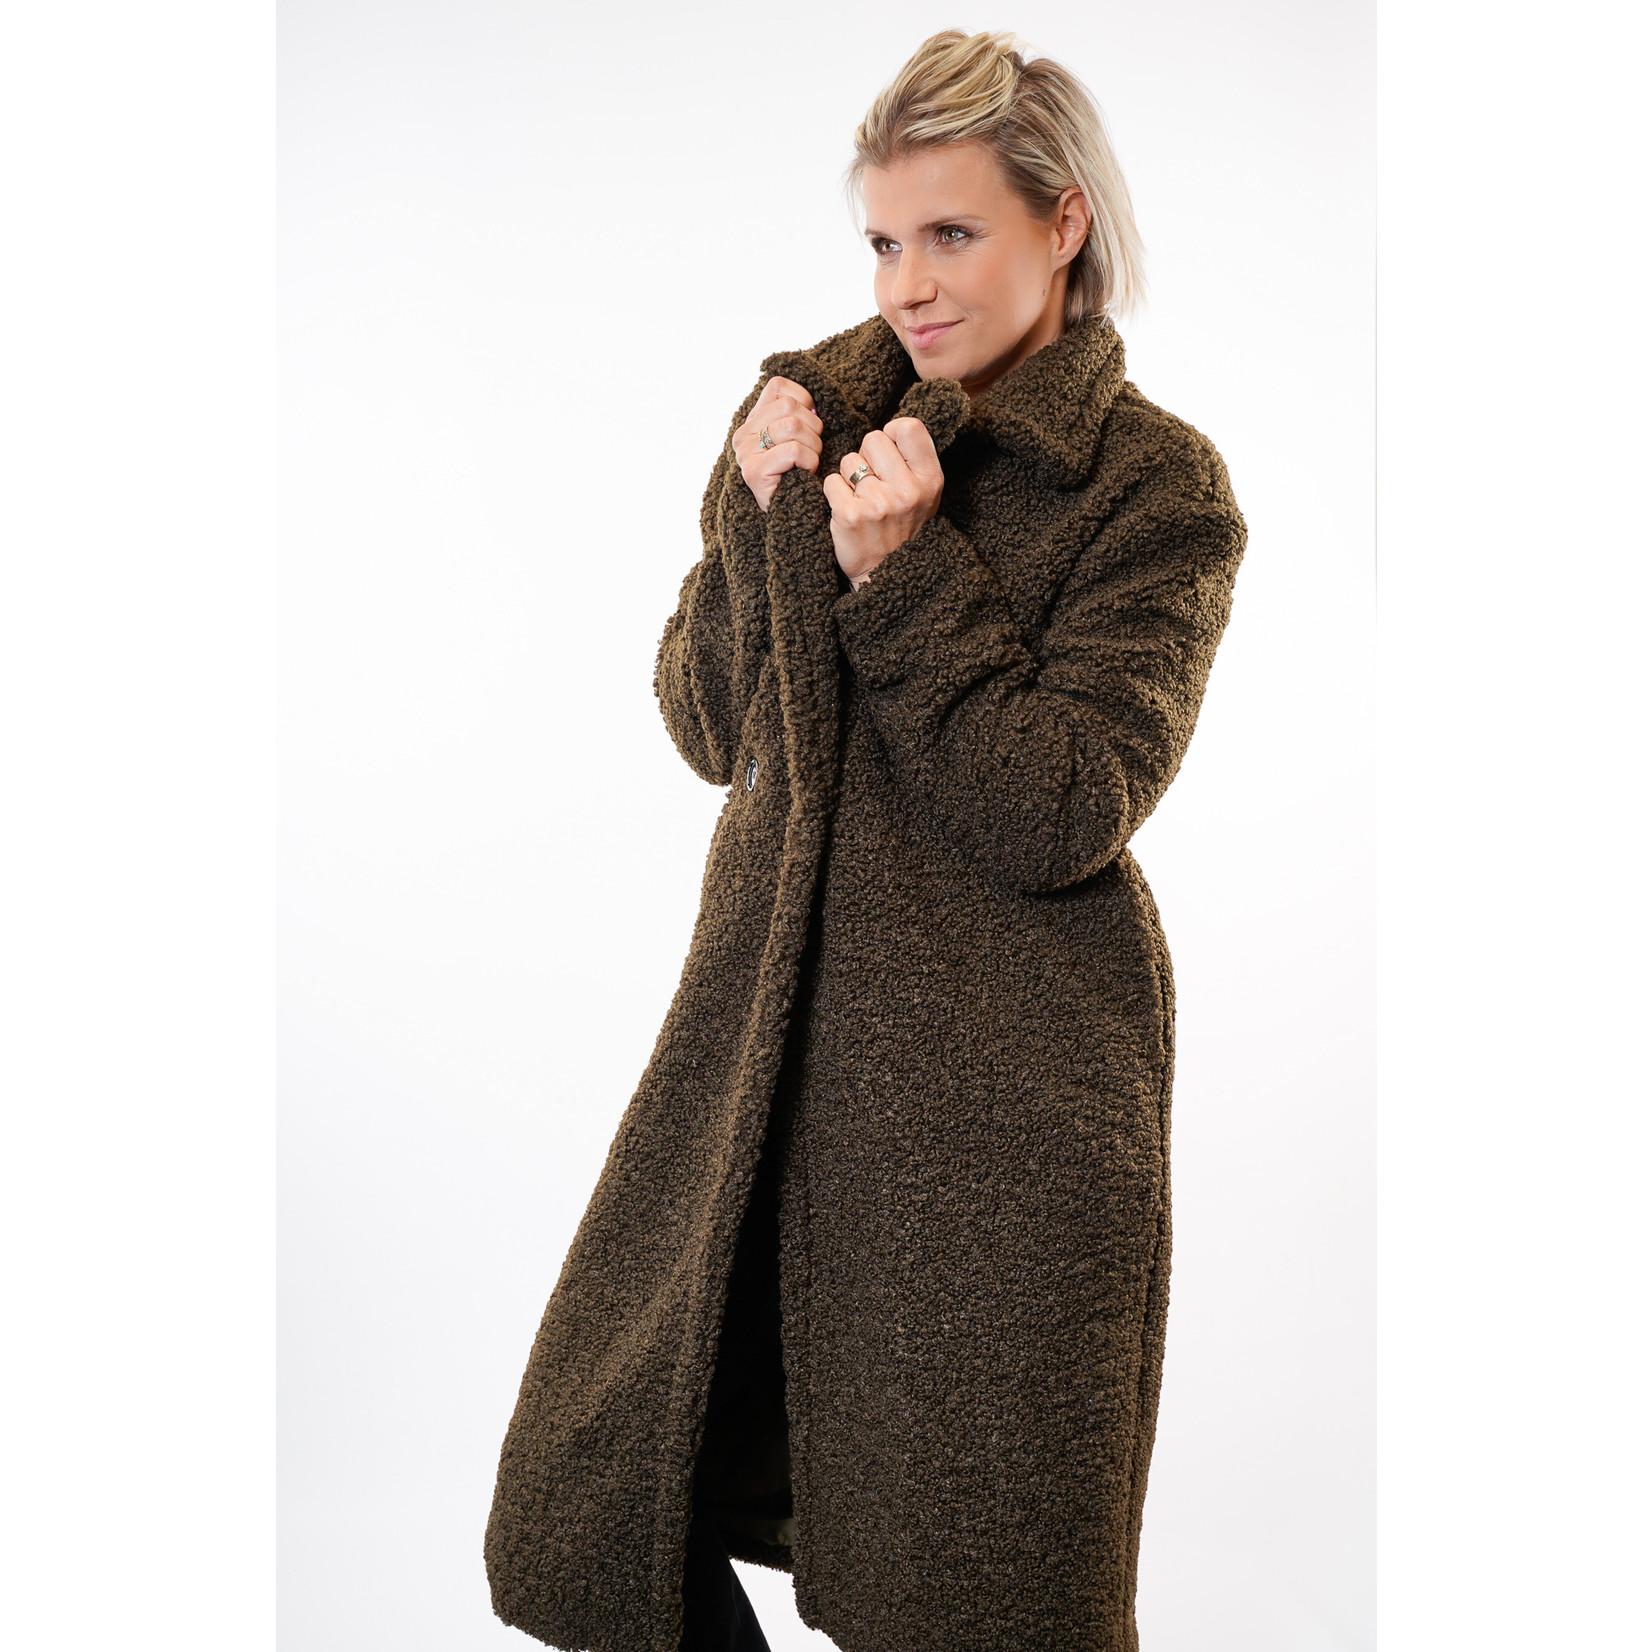 Yentl K Teddy Coat 41